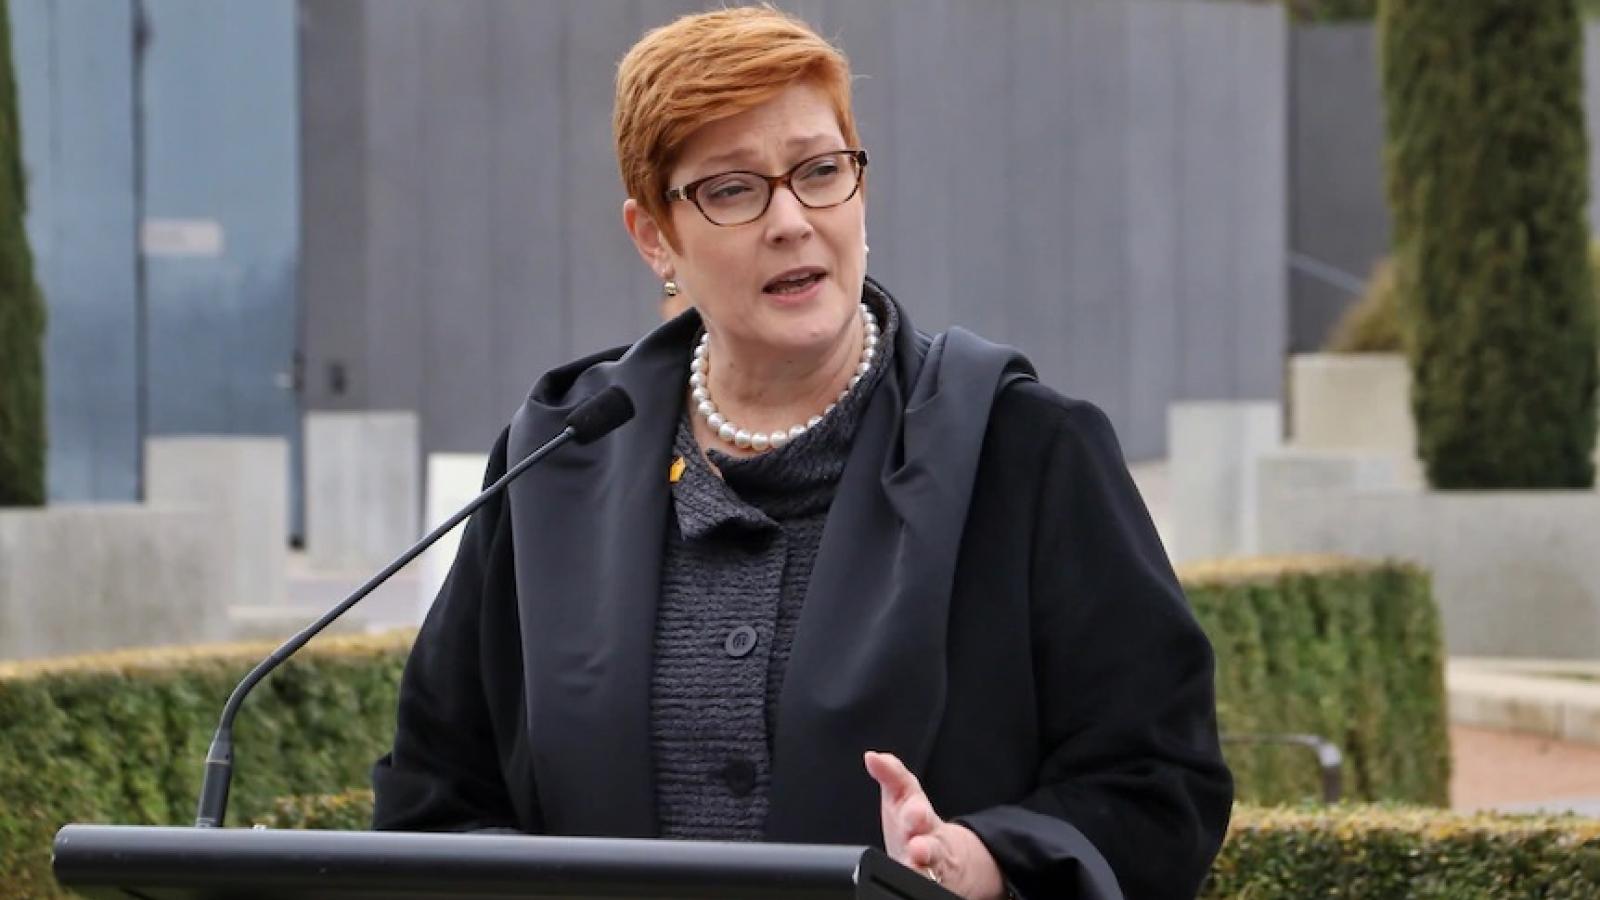 Australia ủng hộ Mỹ điều tra làm rõ nguồn gốc đại dịch Covid-19